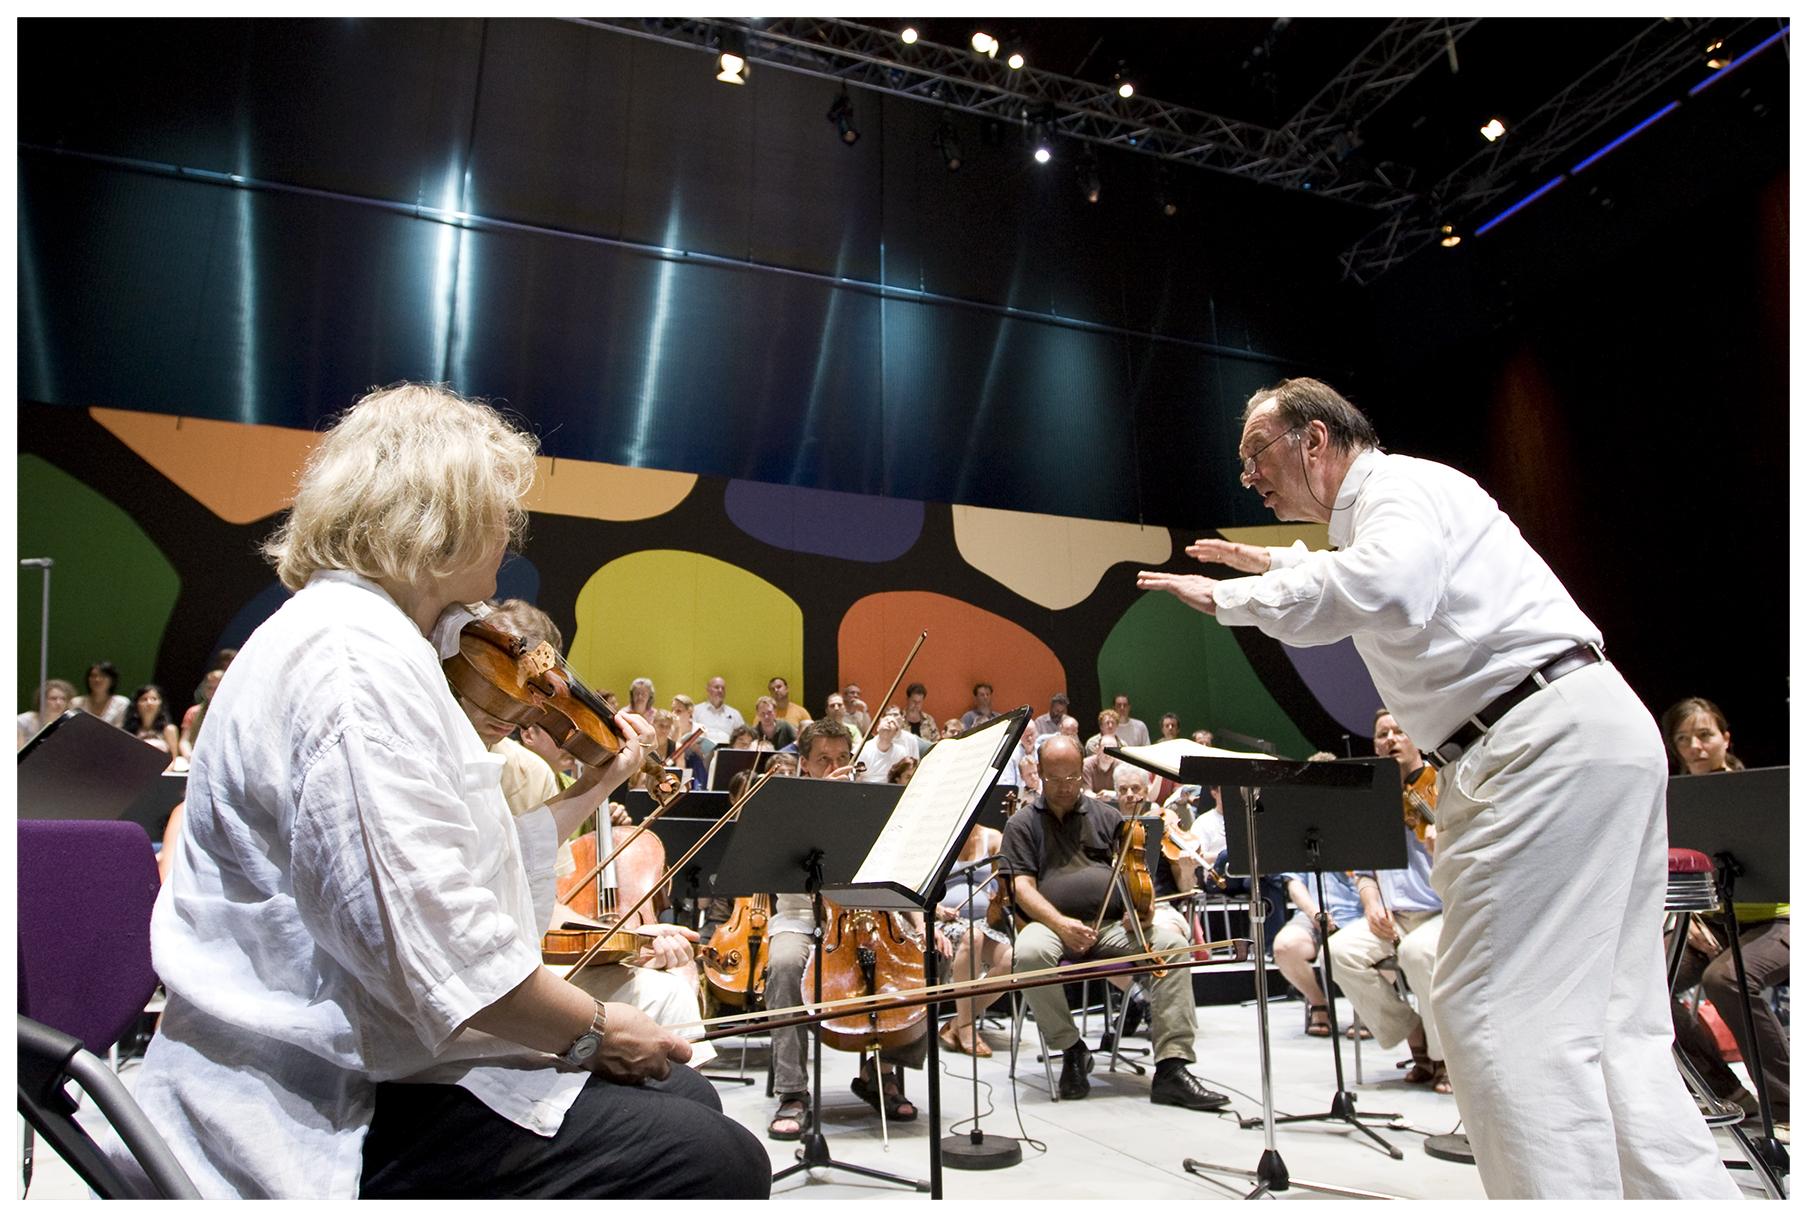 ©Werner Kmetitsch. Nikolaus Harnoncourt und das Chamber Orchestra of Europe spielen Beethoven.